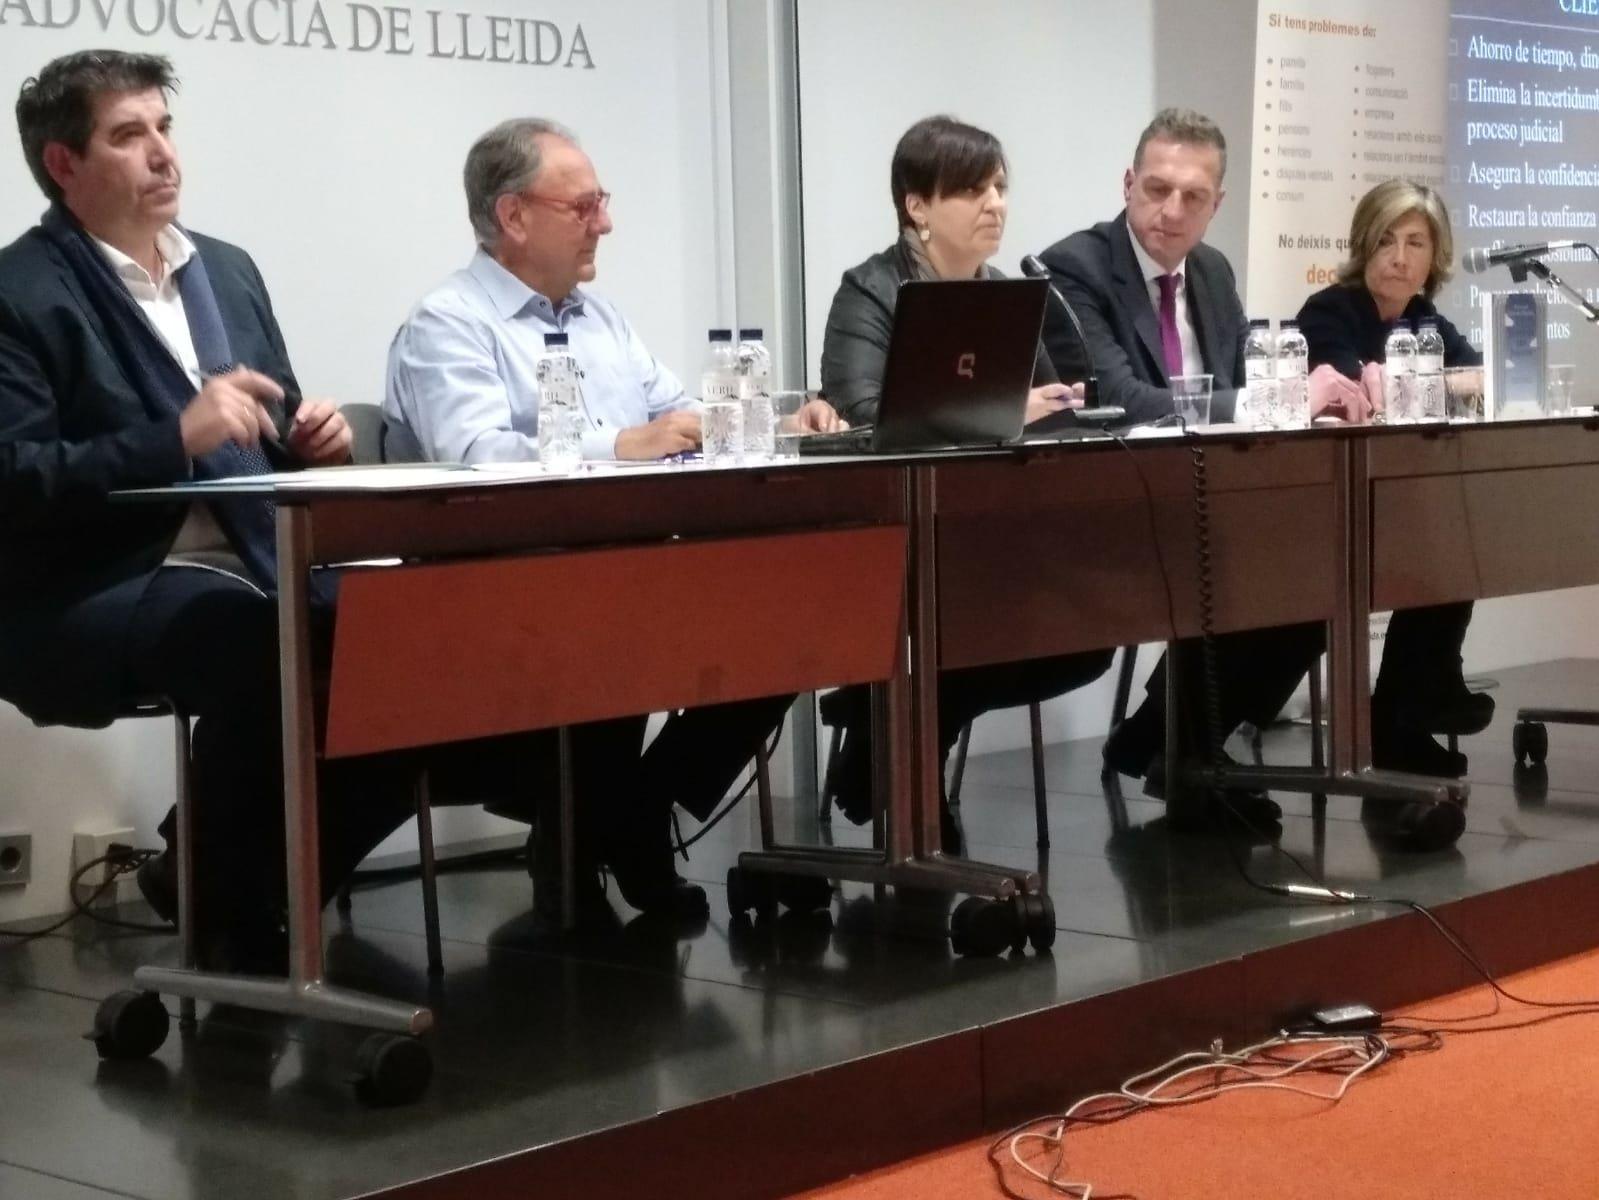 Xavier Segura. Charla dia europeo mediación